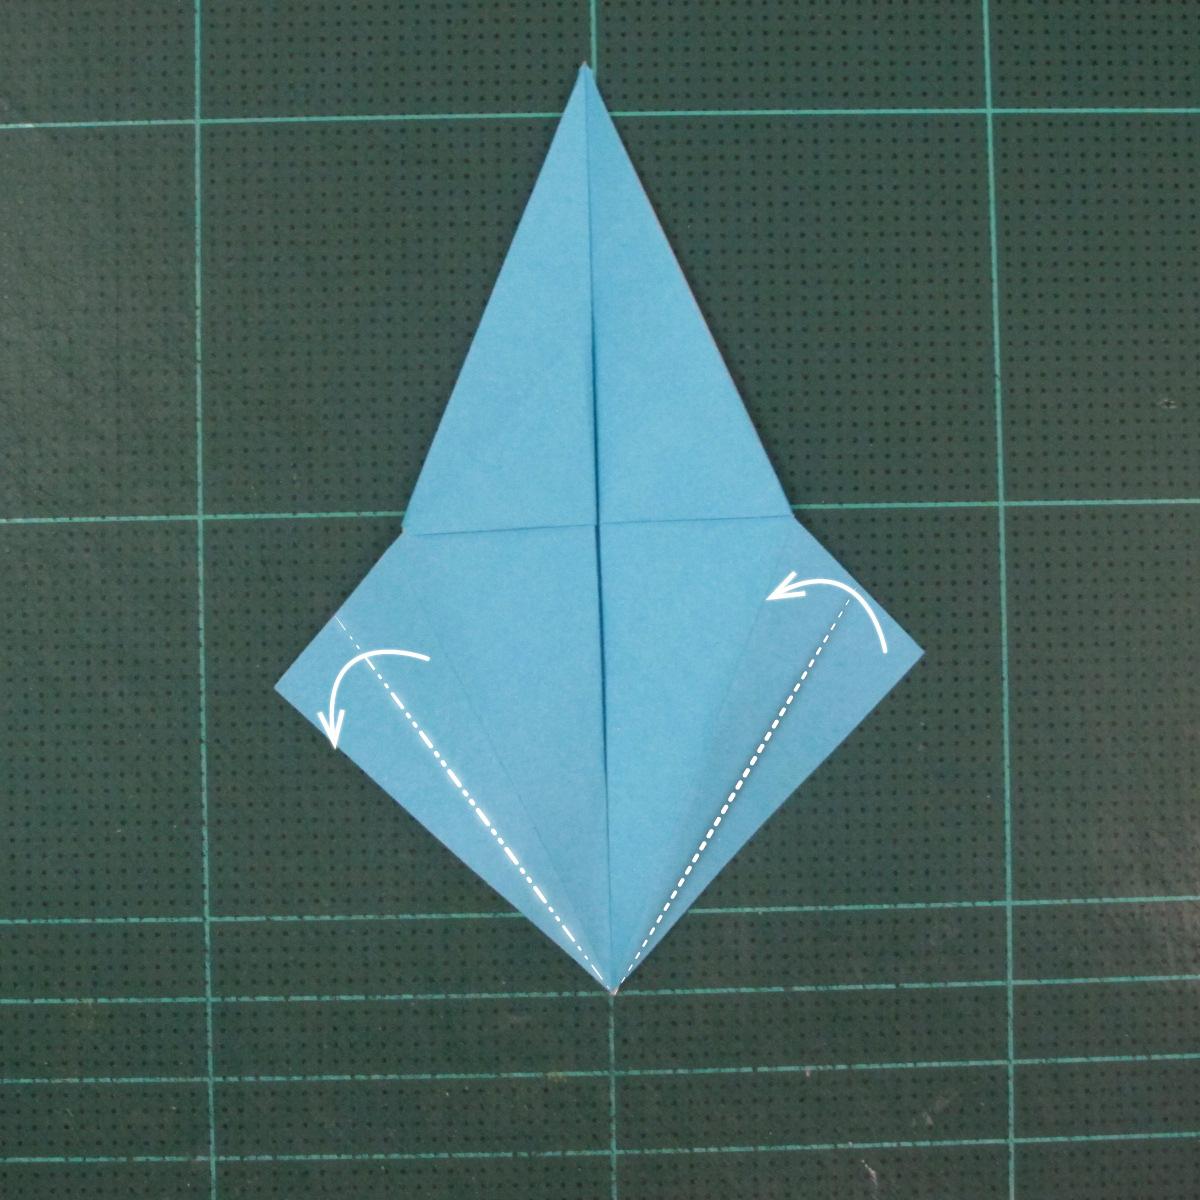 วิธีพับกระดาษเป็นถาดใส่ขนมรูปดาวแปดแฉก (Origami Eight Point Star Candy Tray) 015